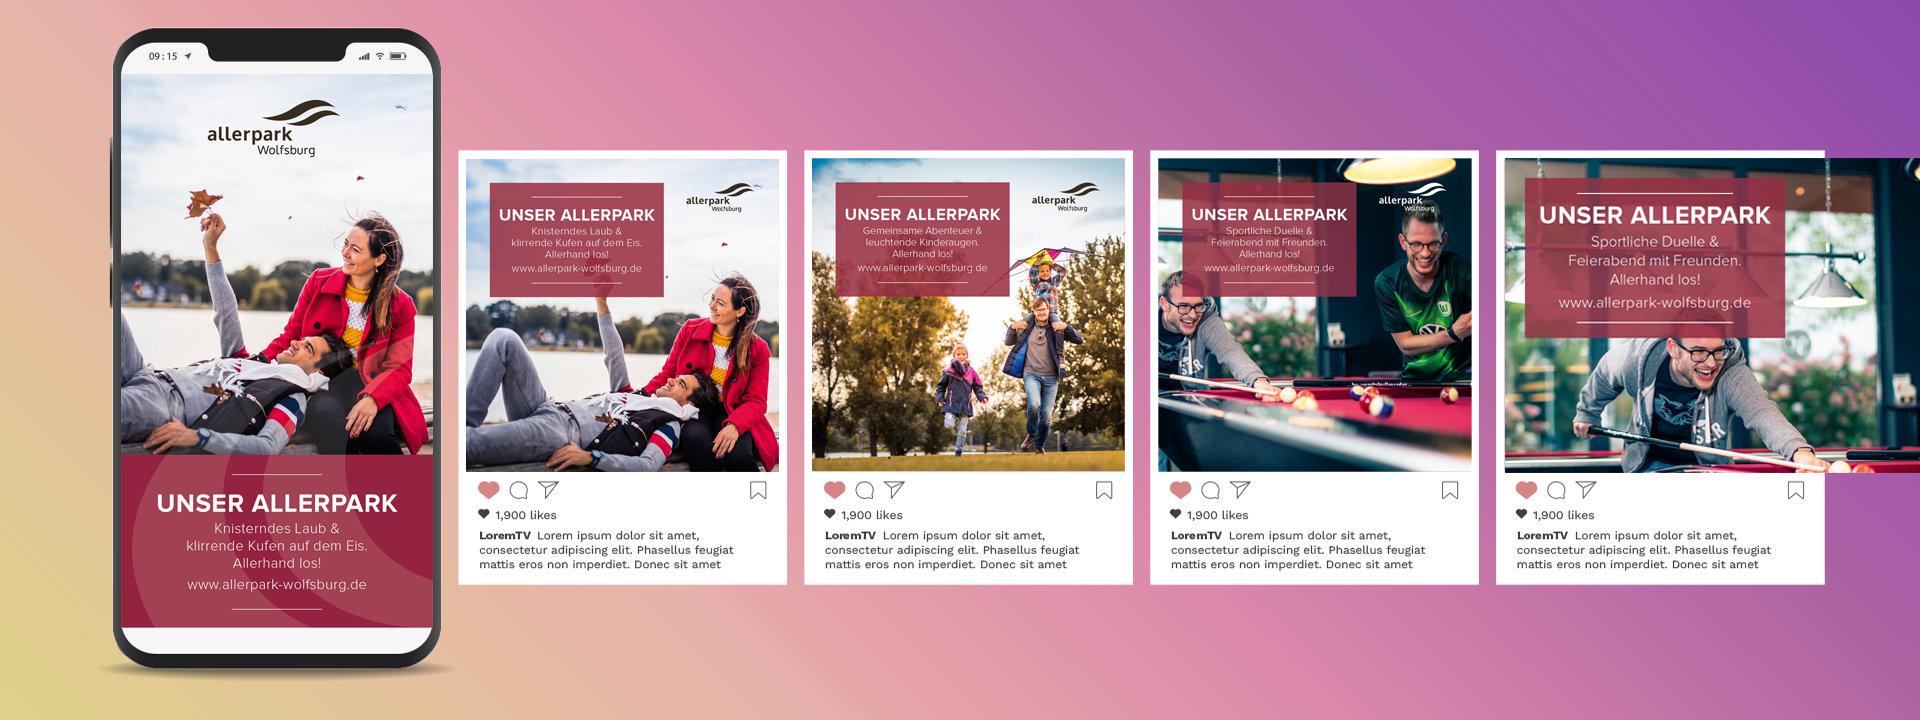 Social Media Ads-Allerpark Wolfsburg-CMd